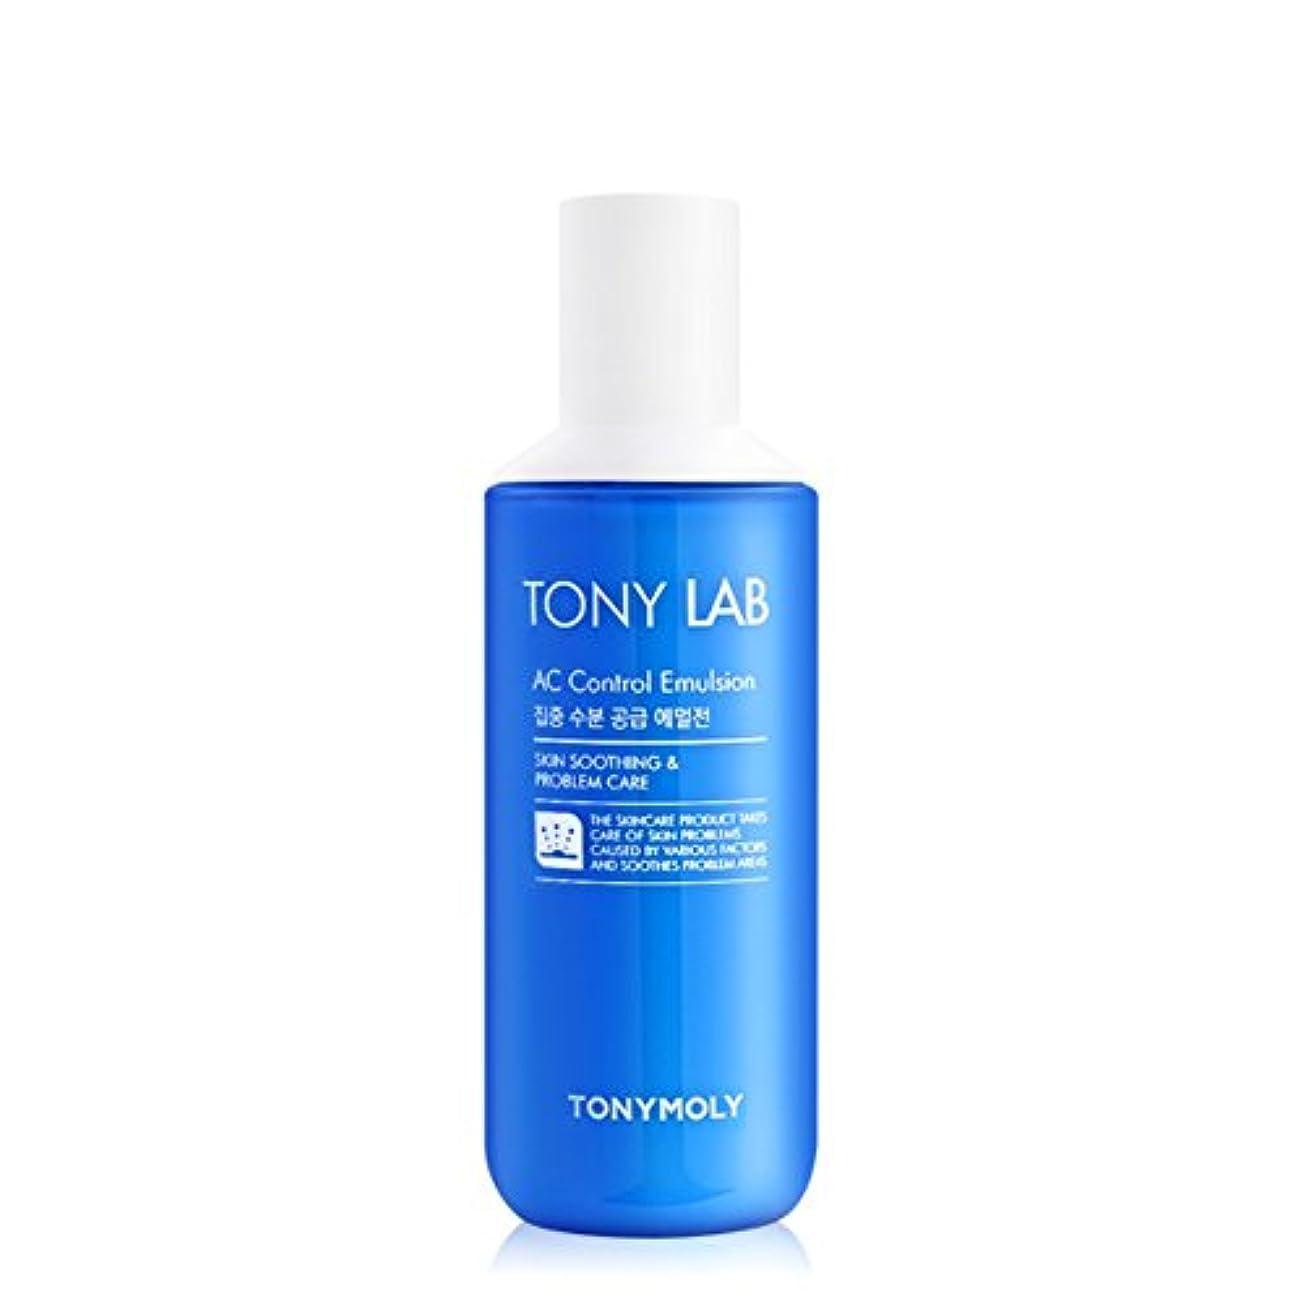 [2016 New] TONYMOLY Tony Lab AC Control Emulsion 160ml/トニーモリー トニー ラボ AC コントロール エマルジョン 160ml